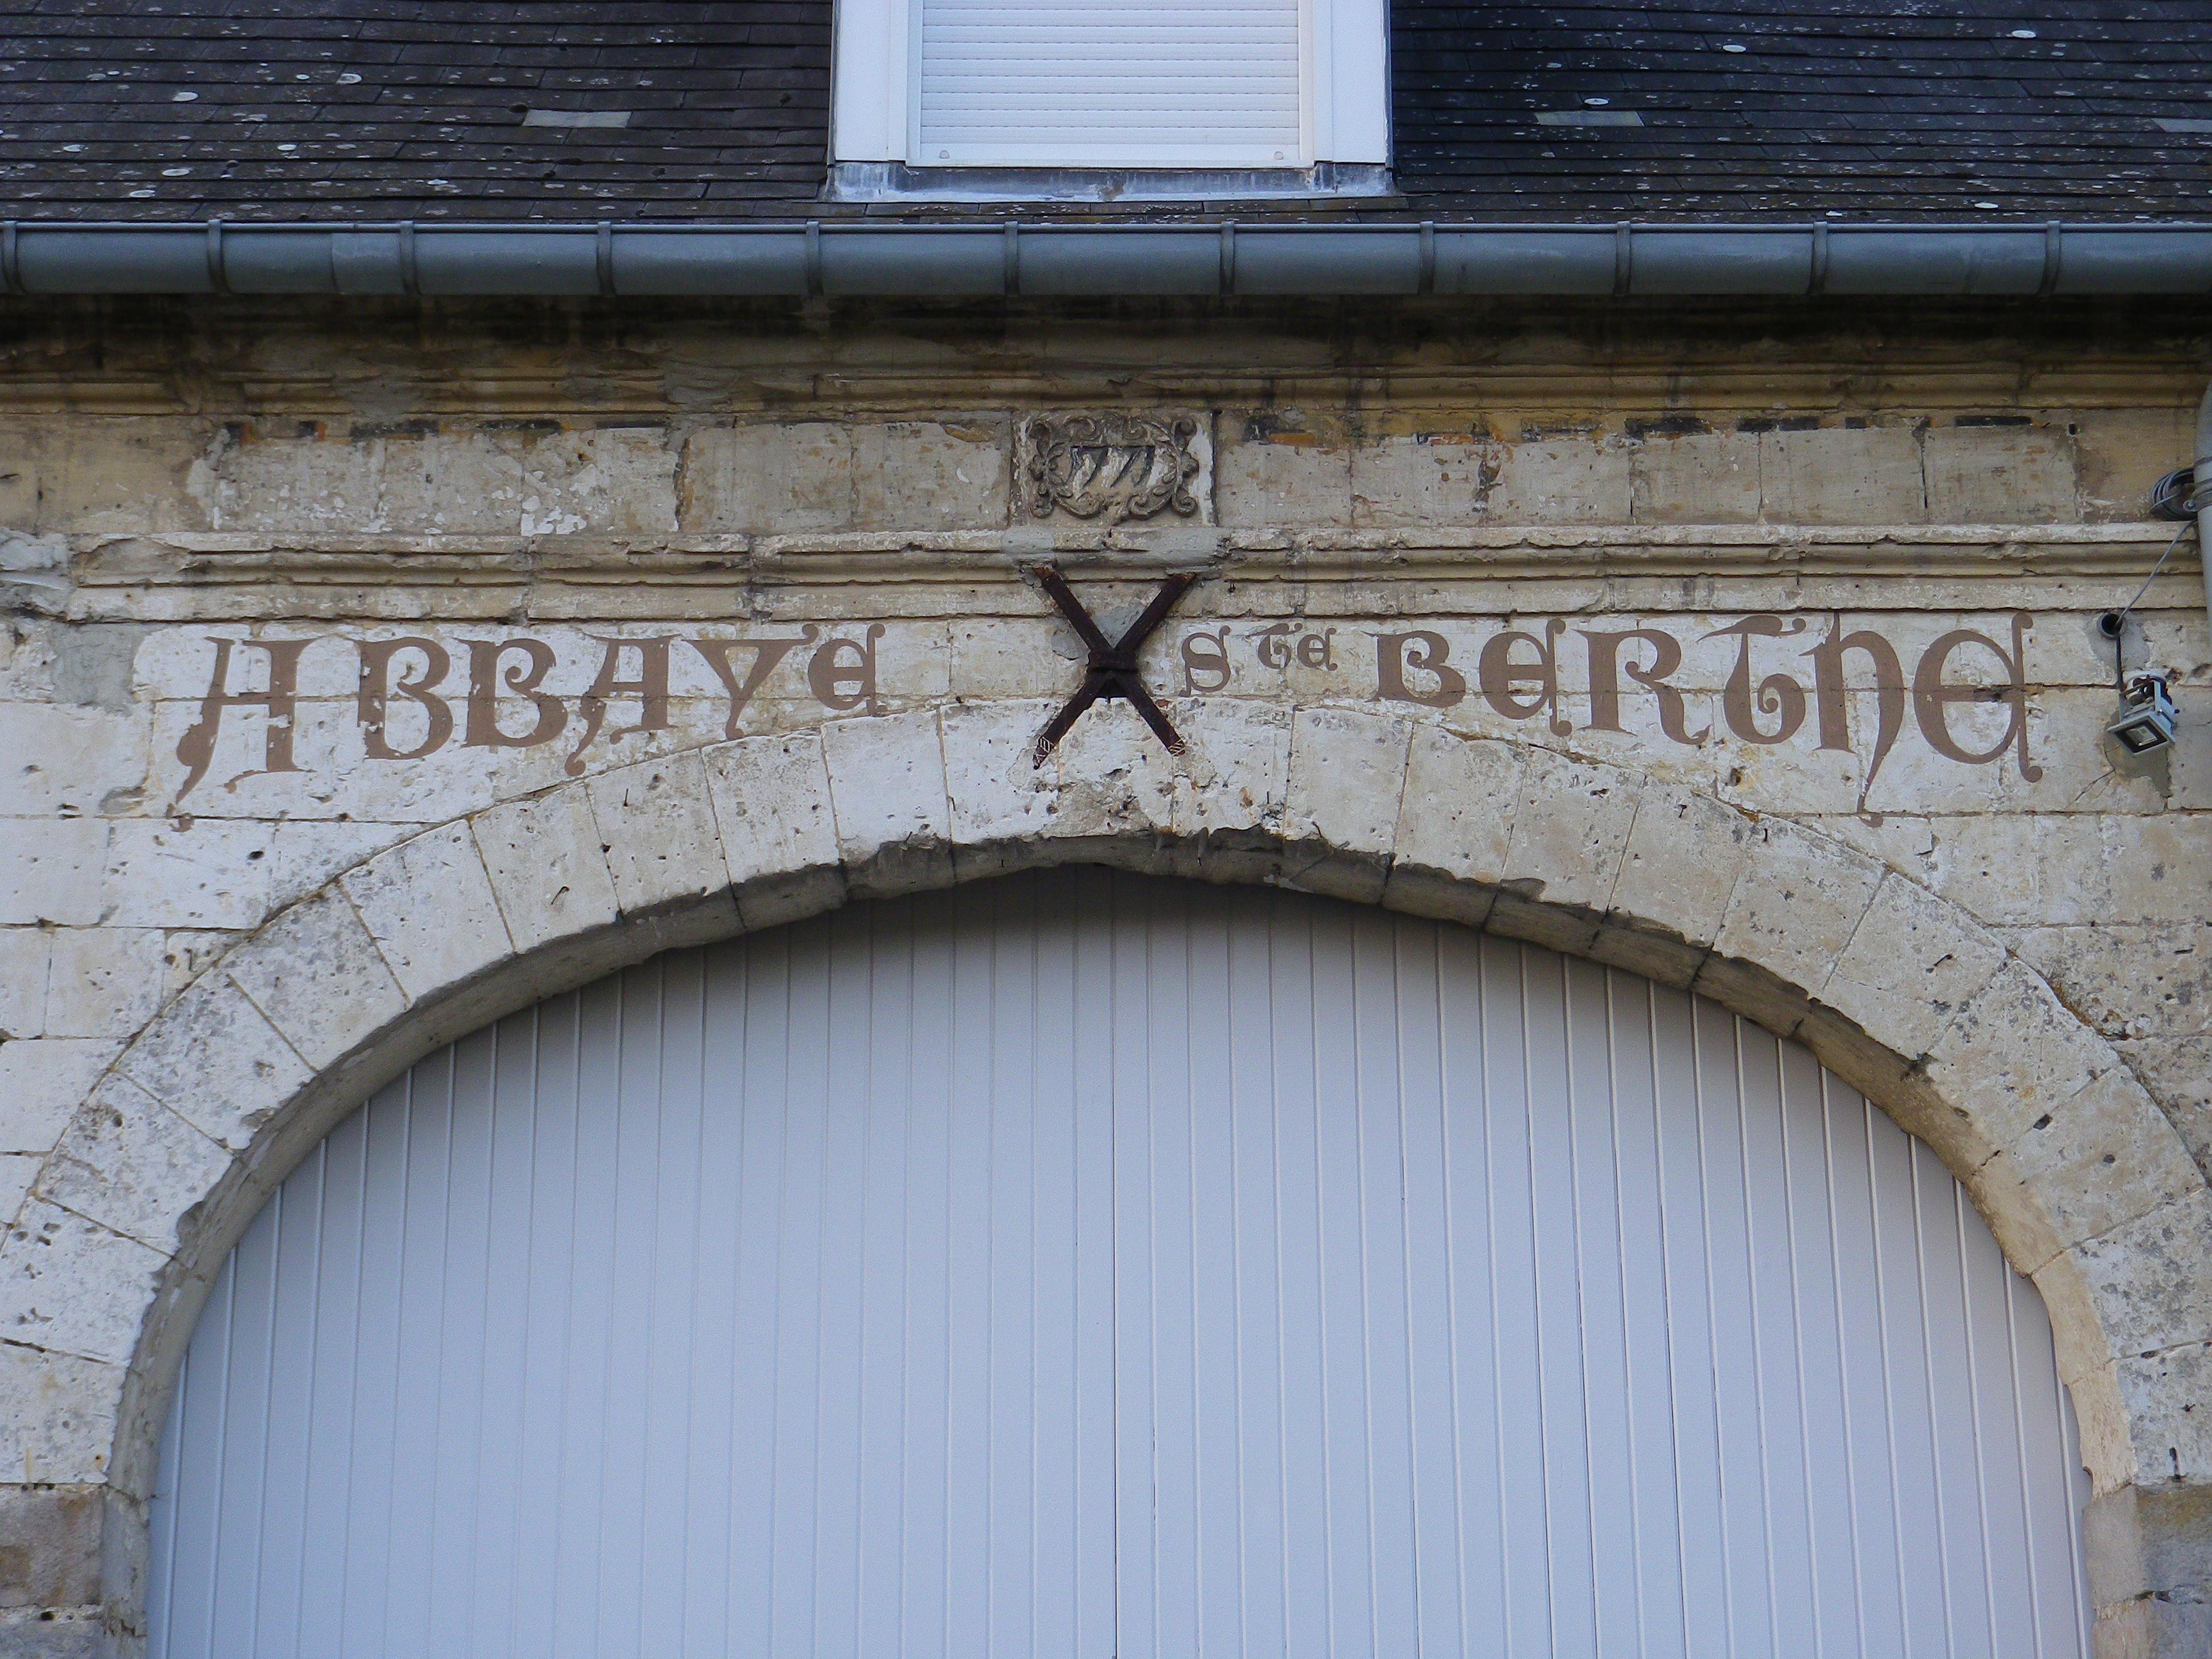 Les bâtiments actuels datent de 1771. Avant la Révolution, ils servaient de bâtiments agricoles à la communauté bénédictine qui a disparu à la Révolution.